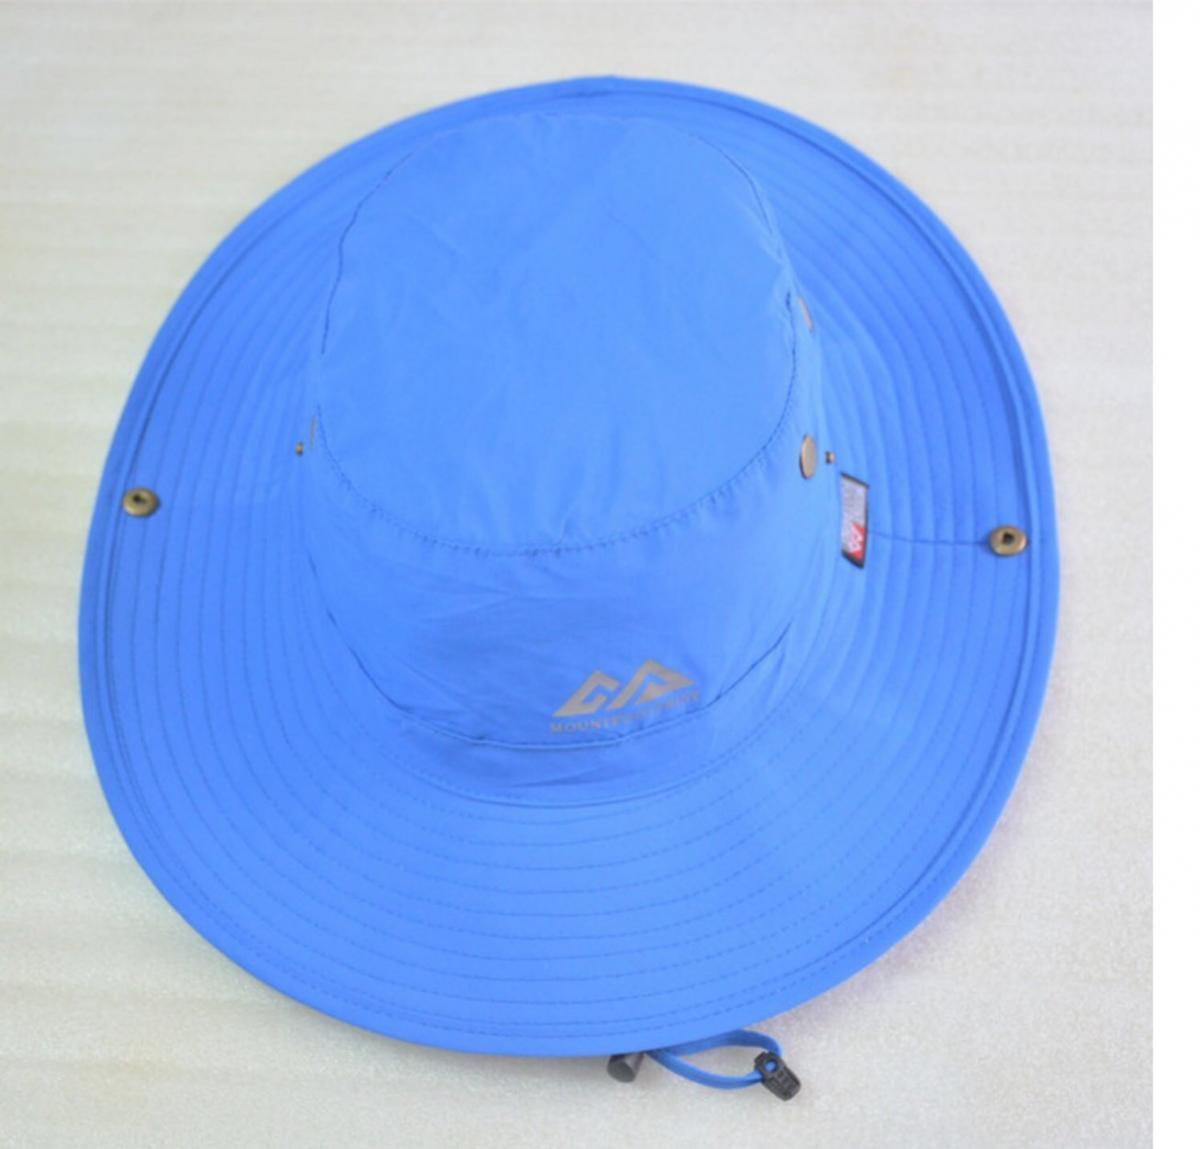 戶外登山健行帽子遮陽防水運動休閒LETS SEA-登山款必備 6